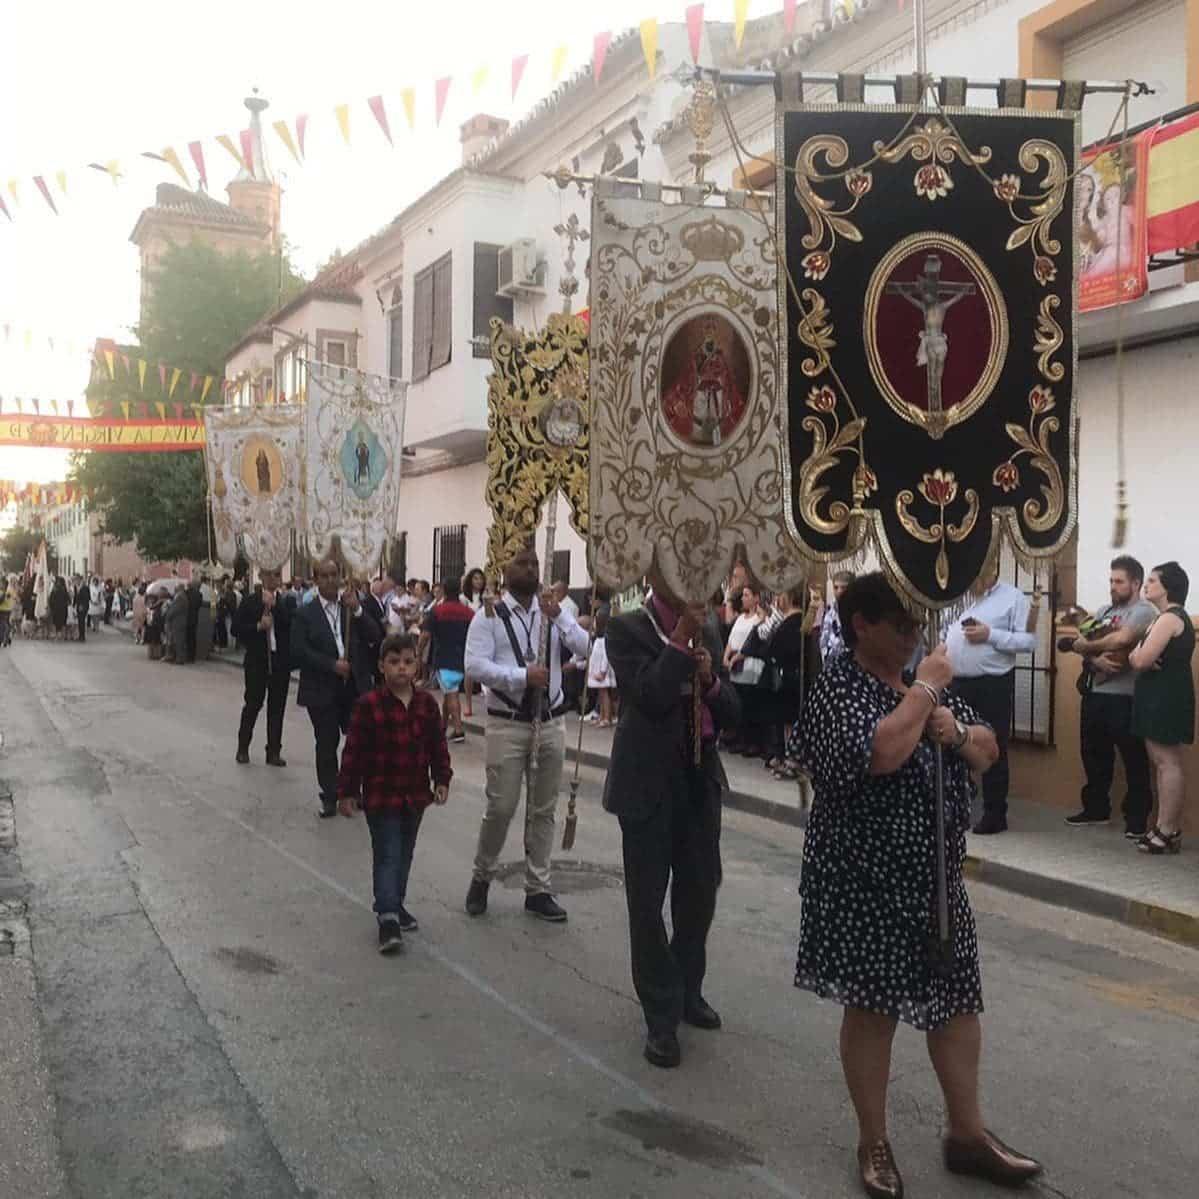 magna procesion feria fiestas 2019 herencia 8 - Magna procesión de nuestra Santísima Madre cierra la Feria y Fiestas herenciana